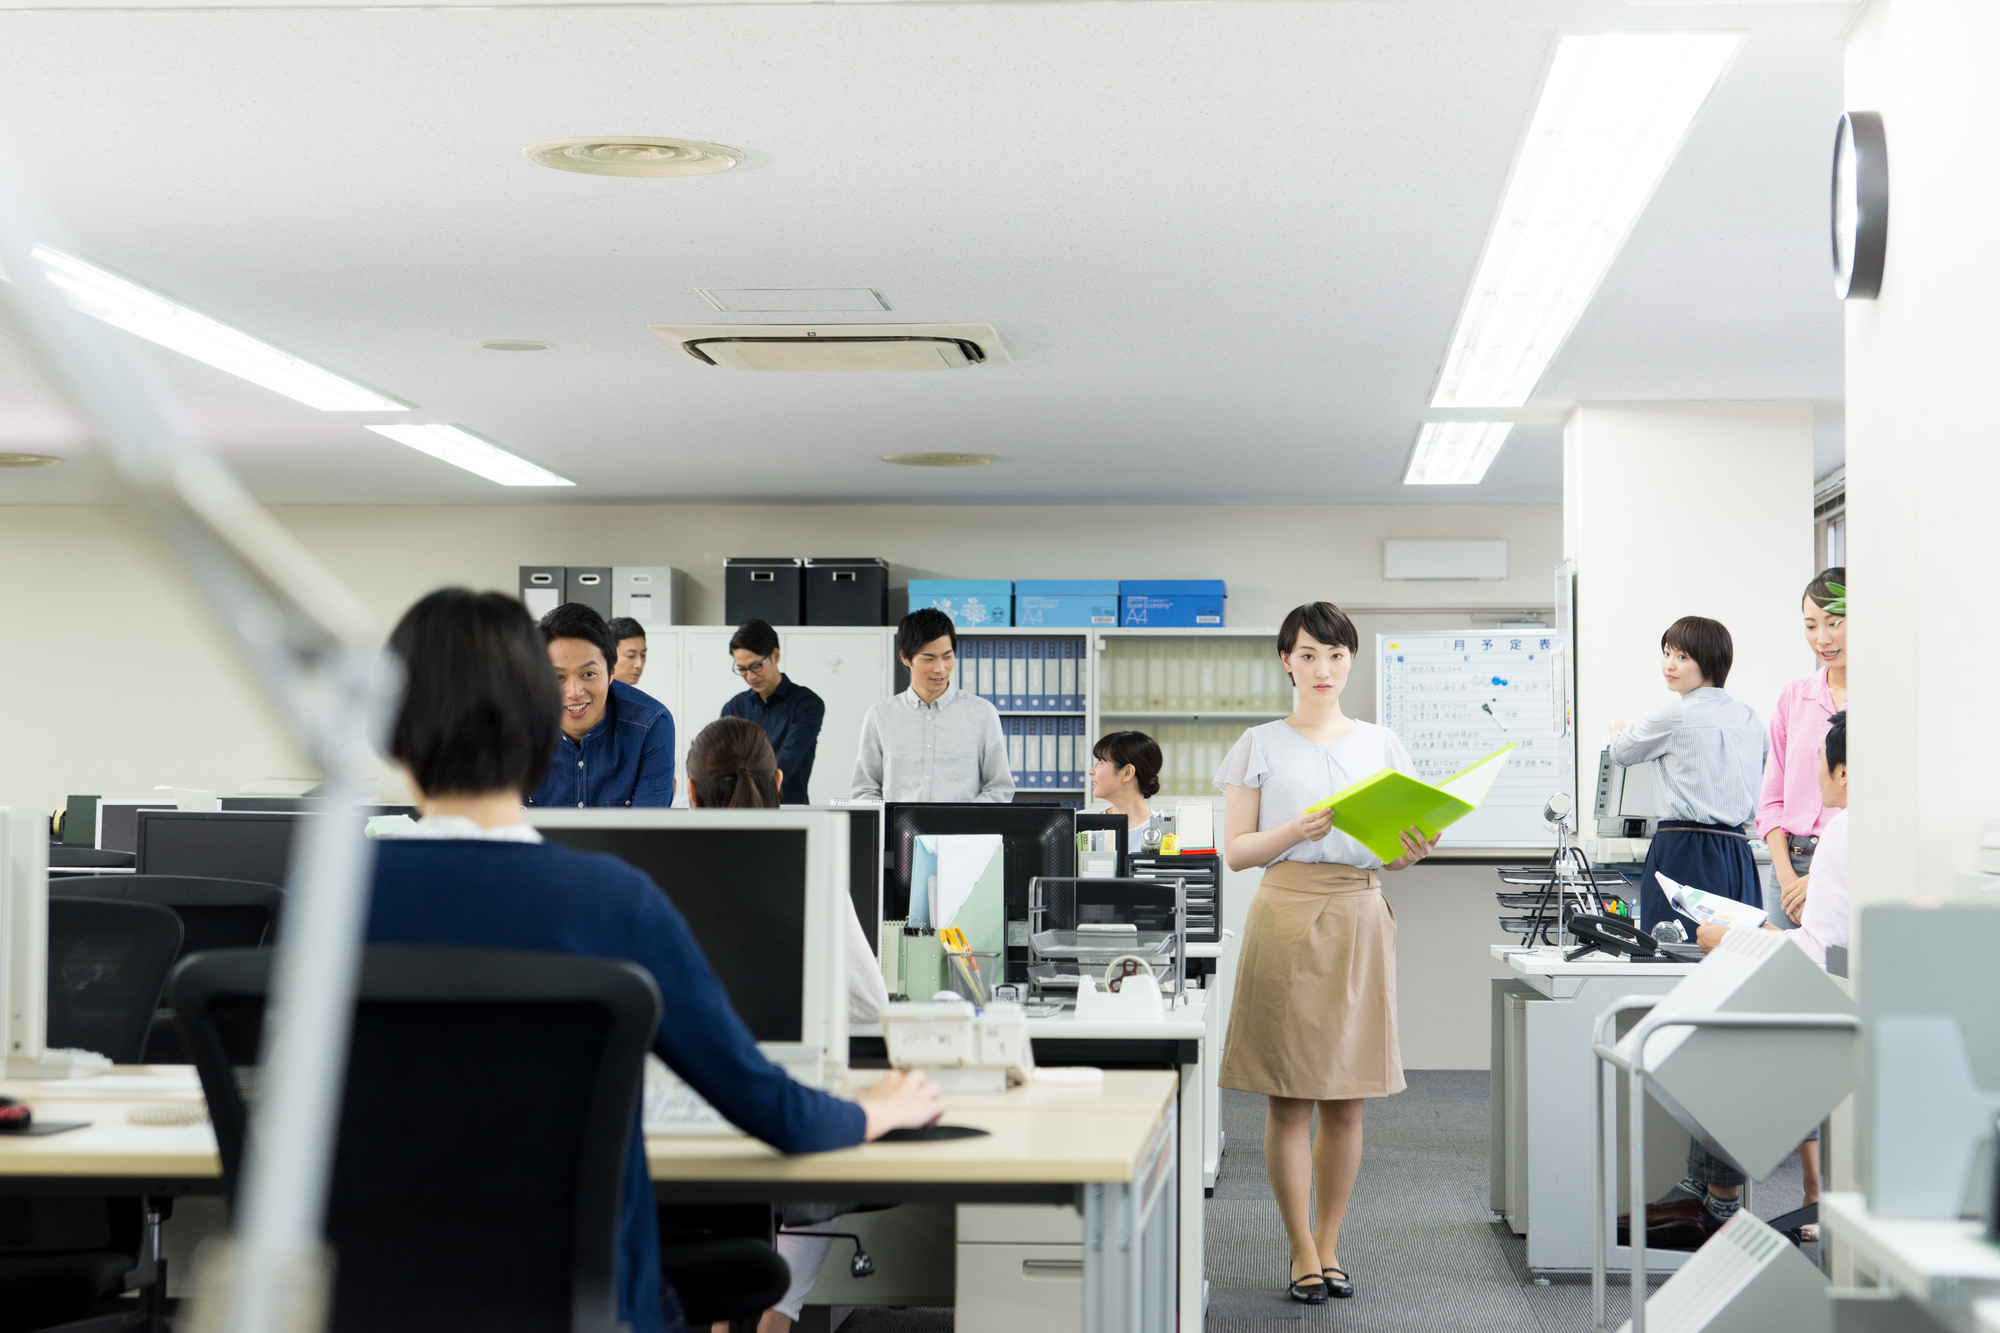 事業承継の見えない資産 経営理念や従業員・取引先の信頼を引き継ぐ方法